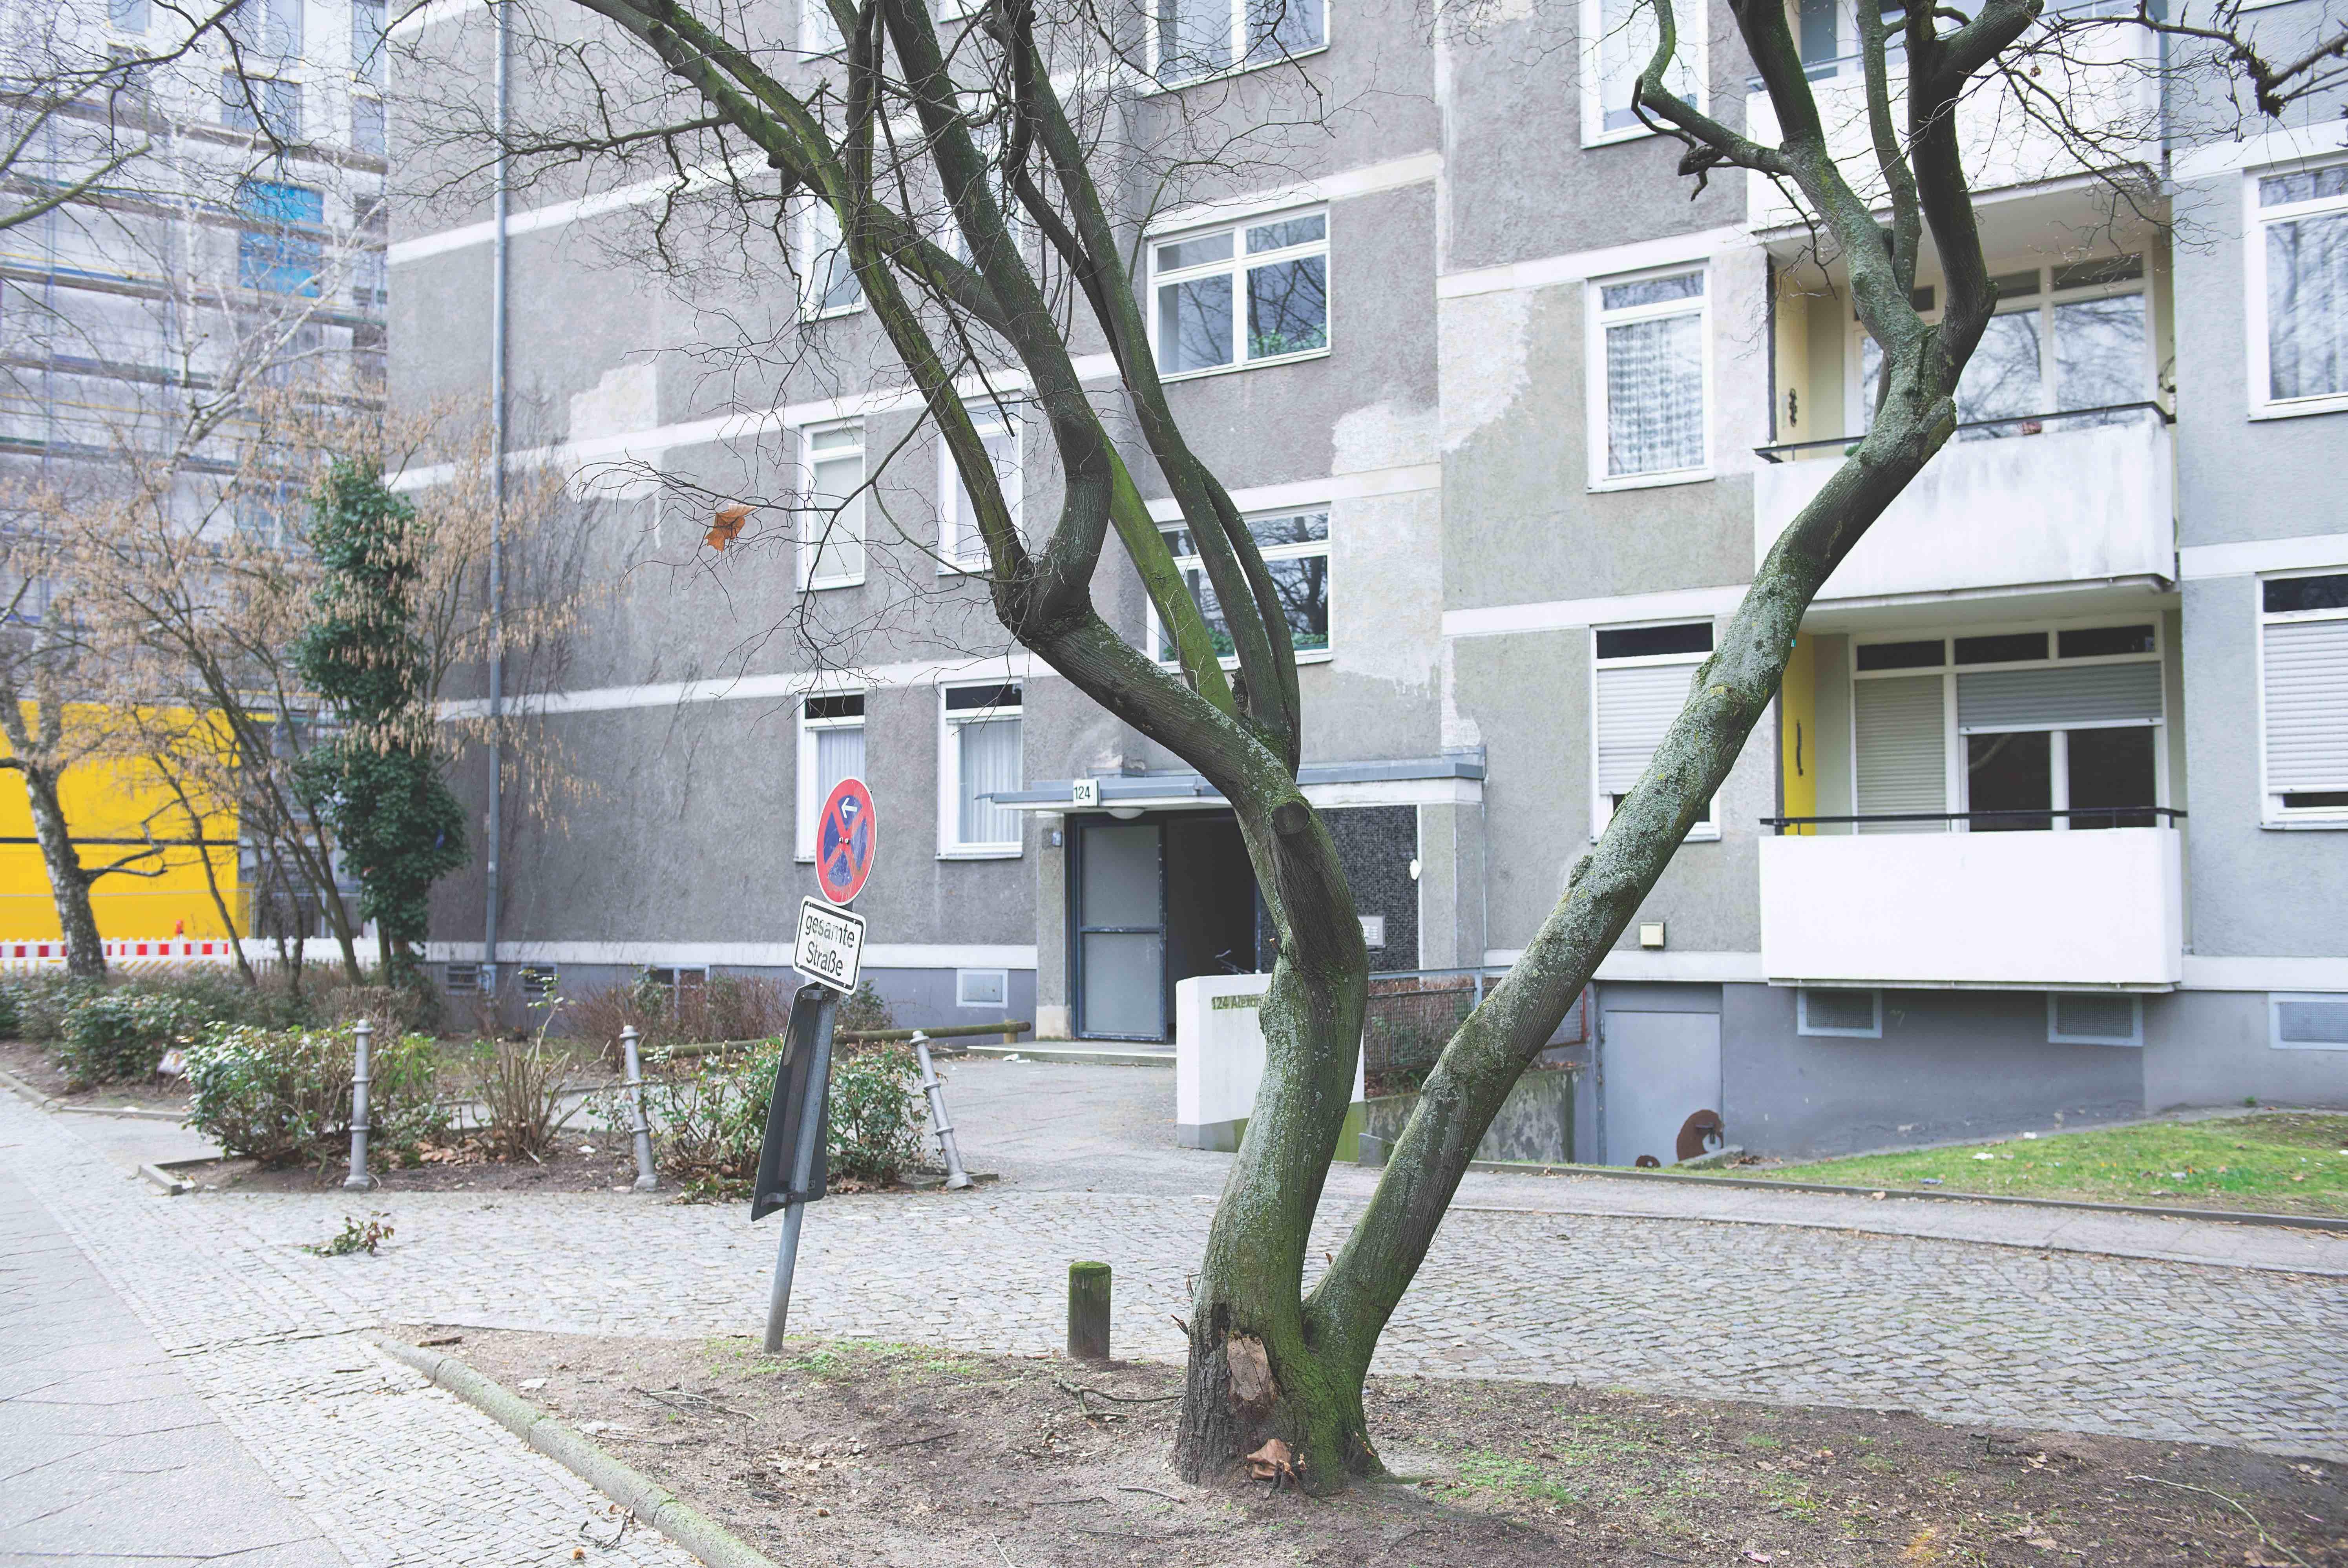 12:46 – 14:15 | 5. März 2017 | Oranienstrasse, Alexandrinenstrasse, Gitschiner Strasse | Berlin